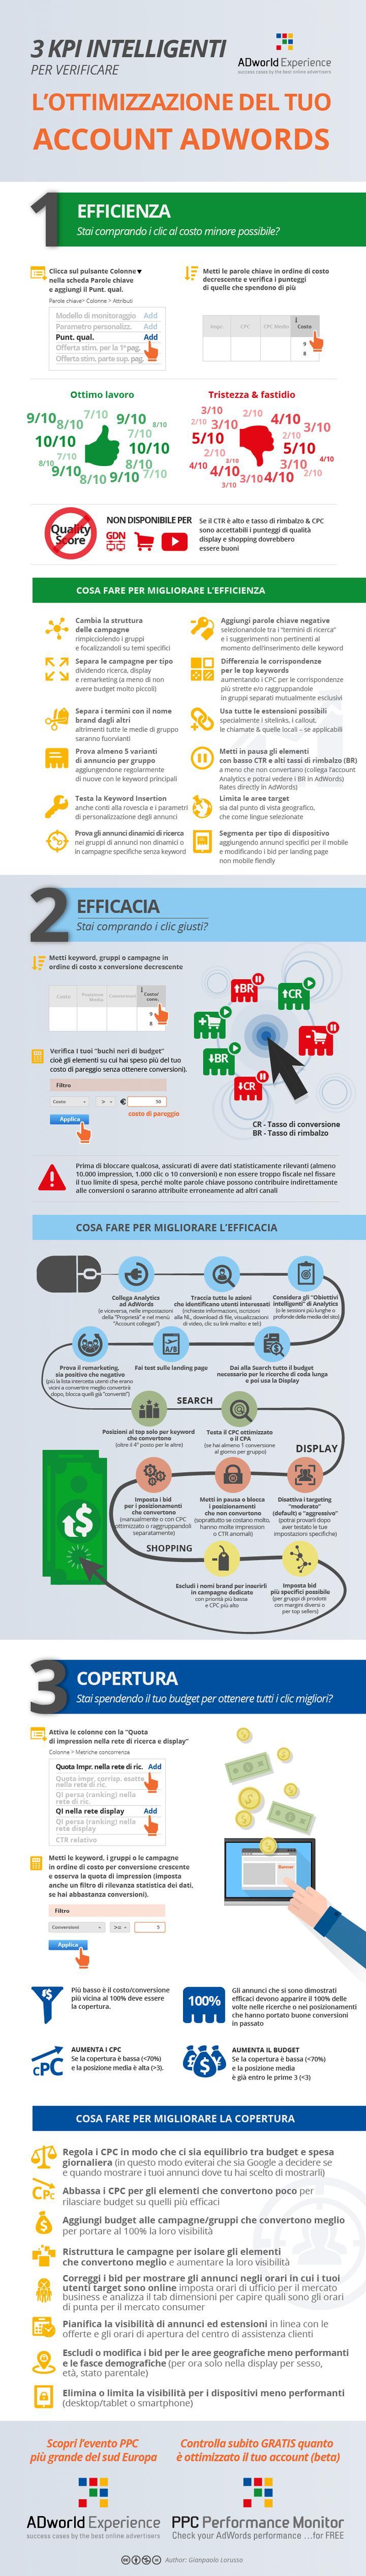 Infografica: come ottimizzare il tuo account AdWords